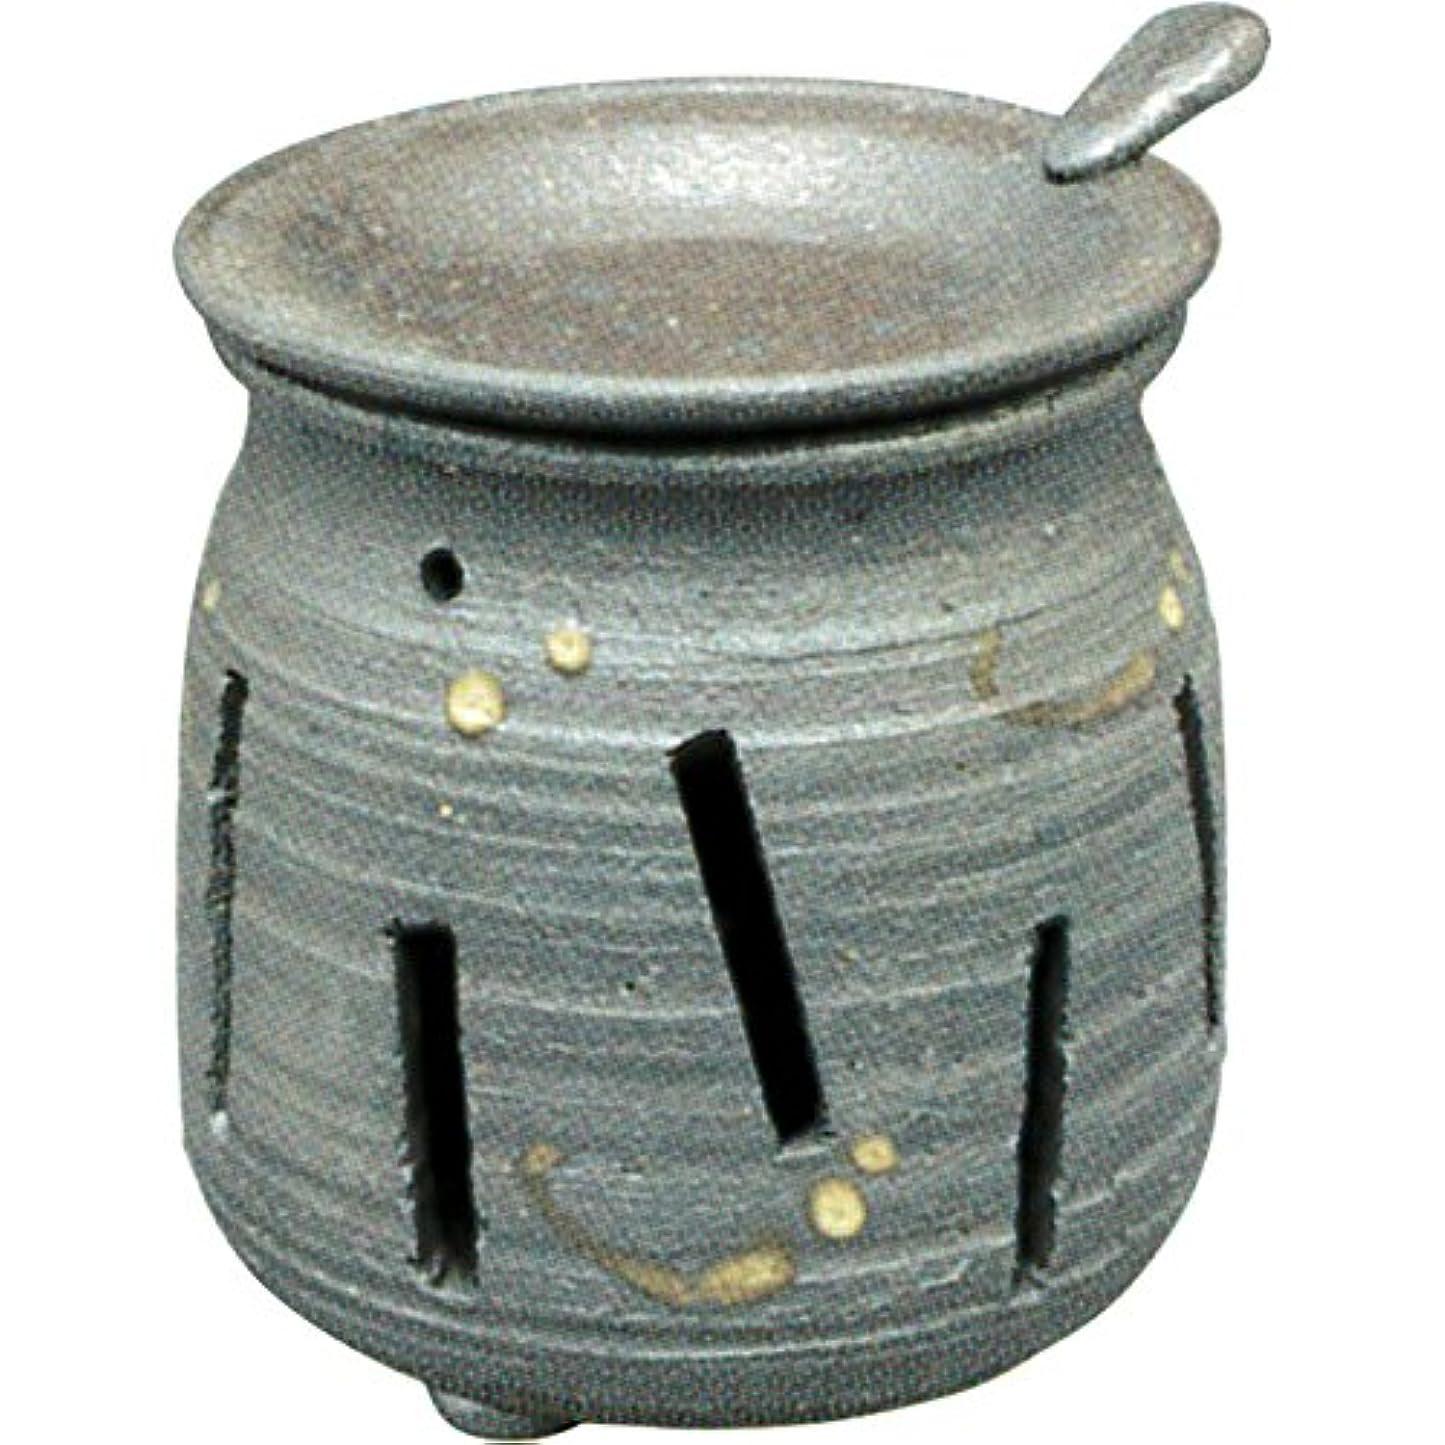 アンドリューハリディユーモラス寂しい常滑焼 : 焜清 茶香炉 ル36-05